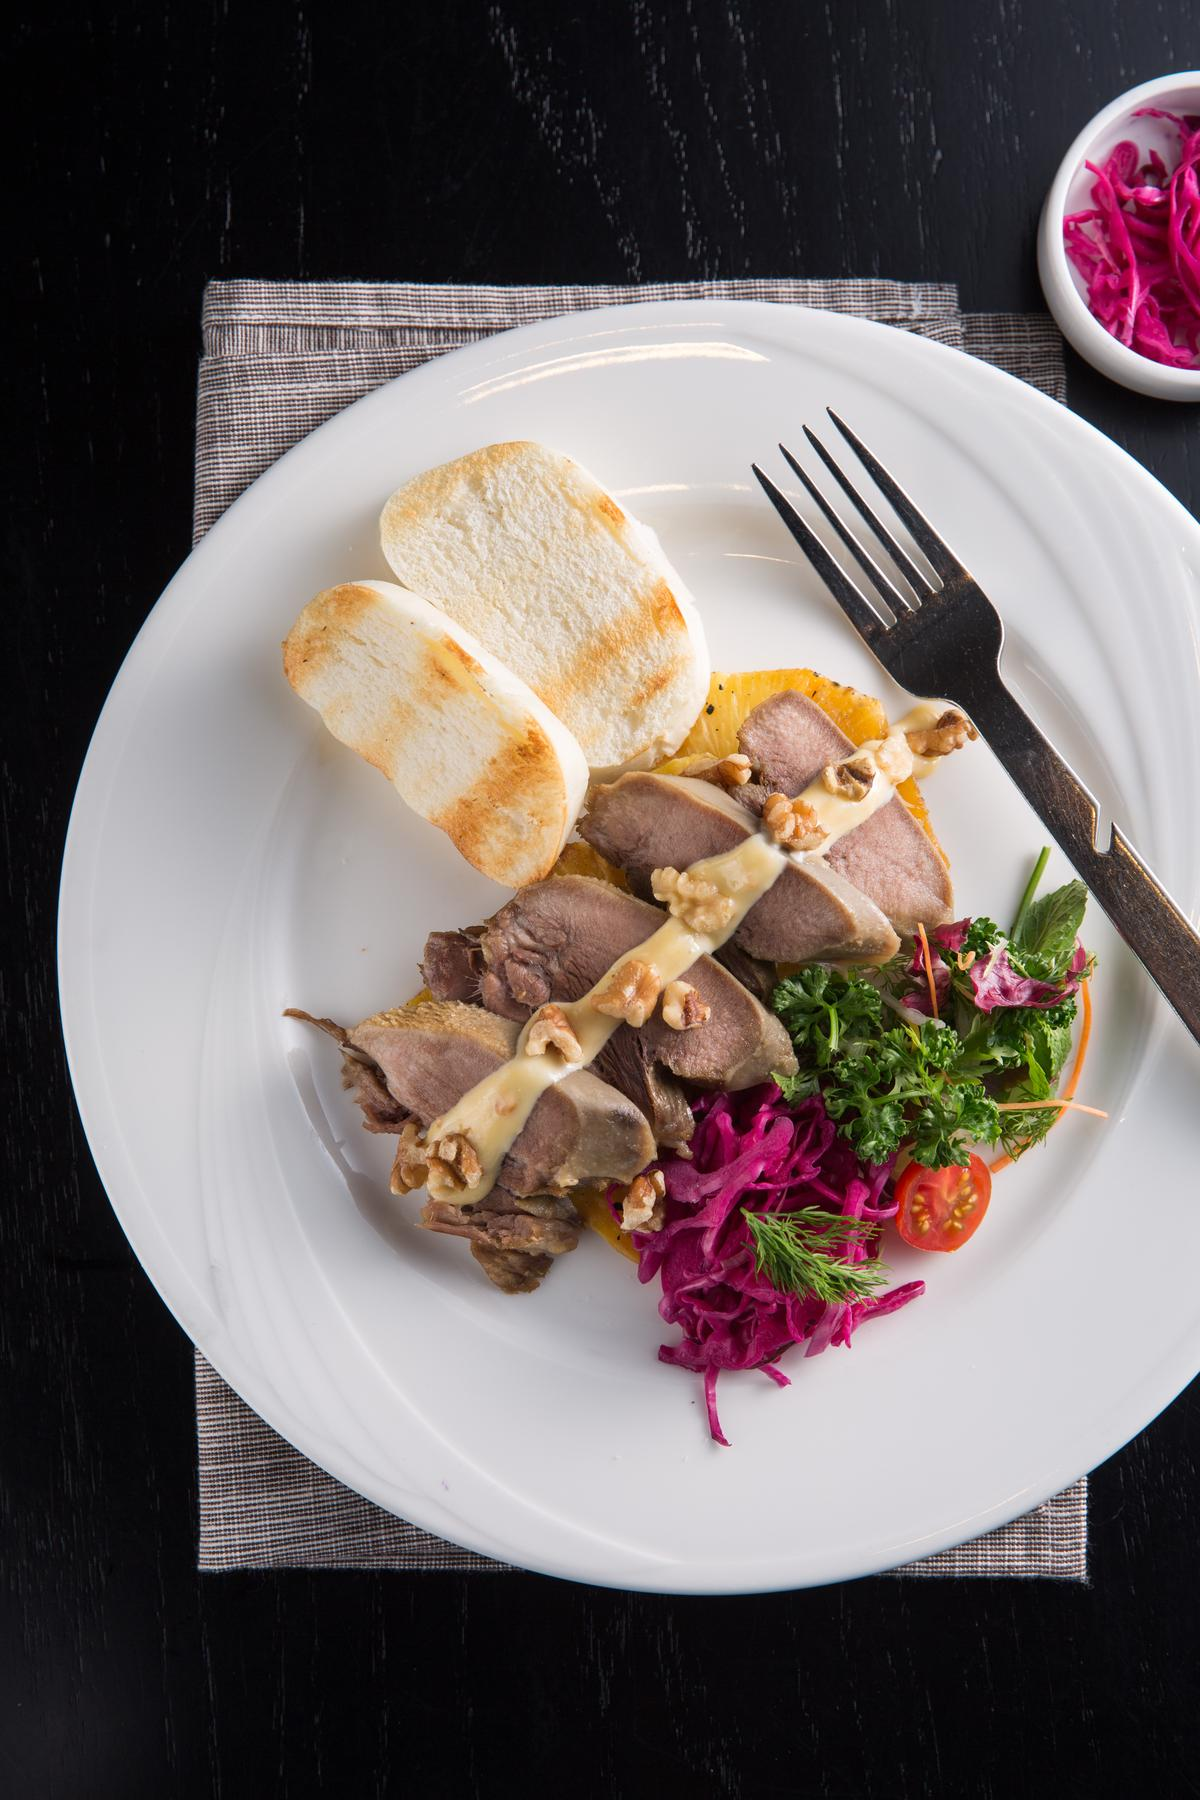 「鳳梨豆醬燉豬舌佐蘋果酸菜配烤饅頭」的豬舌彈牙爽脆,搭配紫色高麗菜酸菜,趣味組合讓人還想再吃一口。(450元/份)